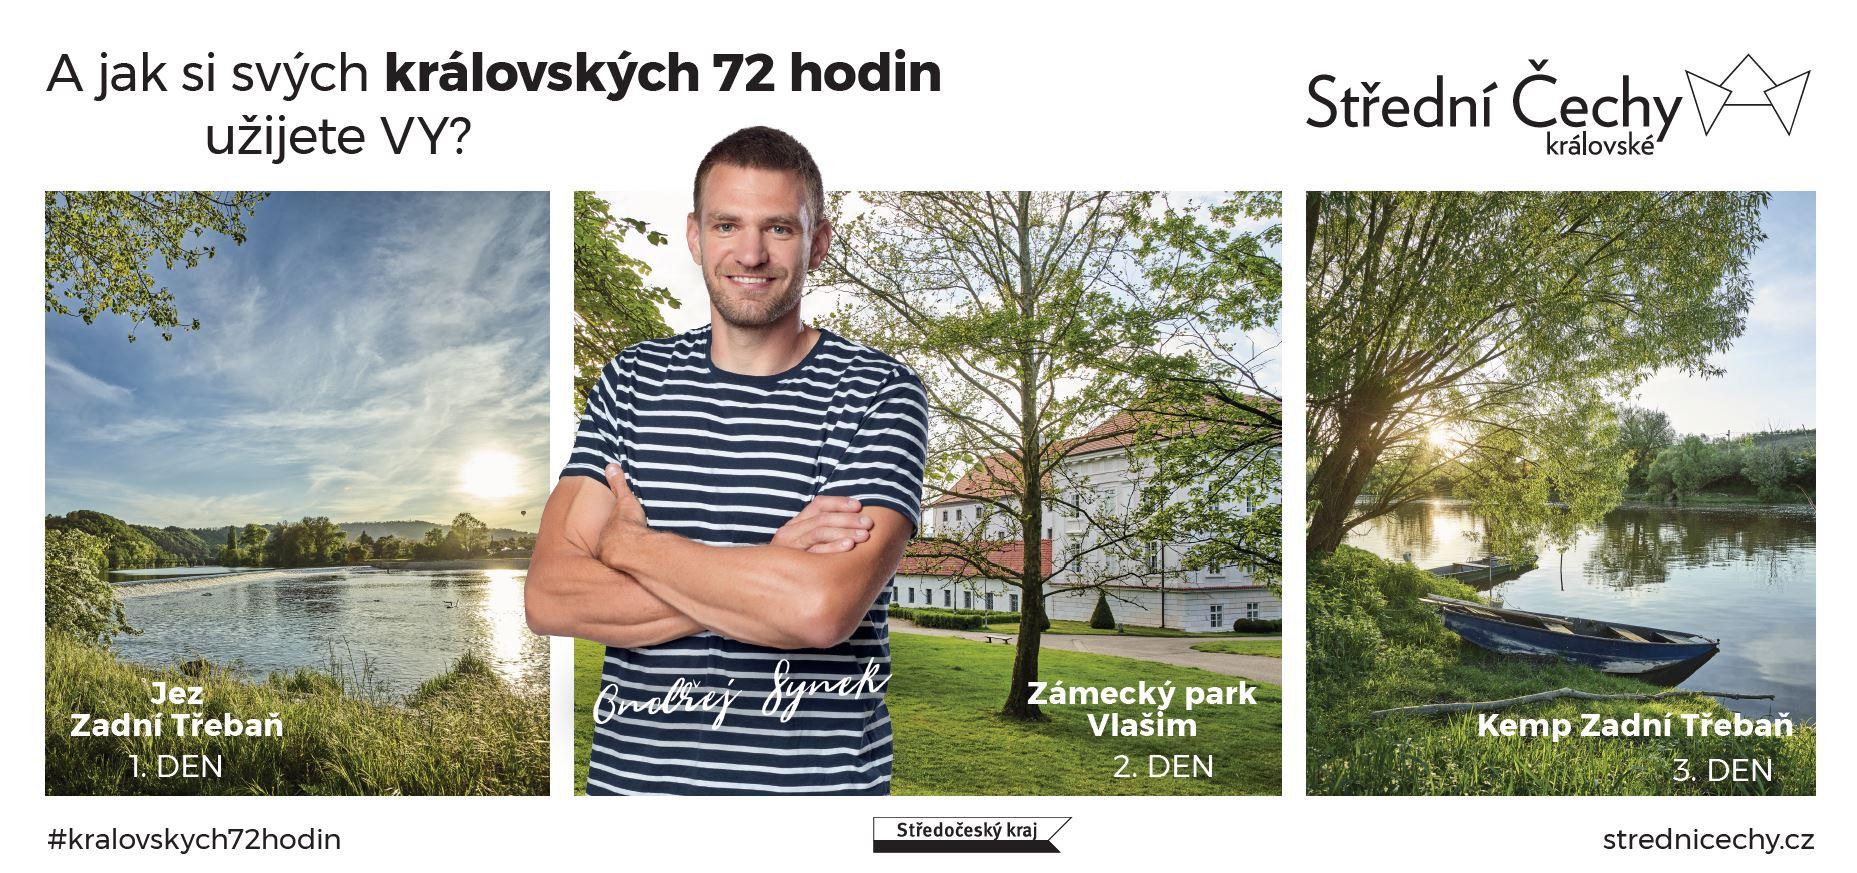 Ondřej Synek v kampani Střední Čechy královské